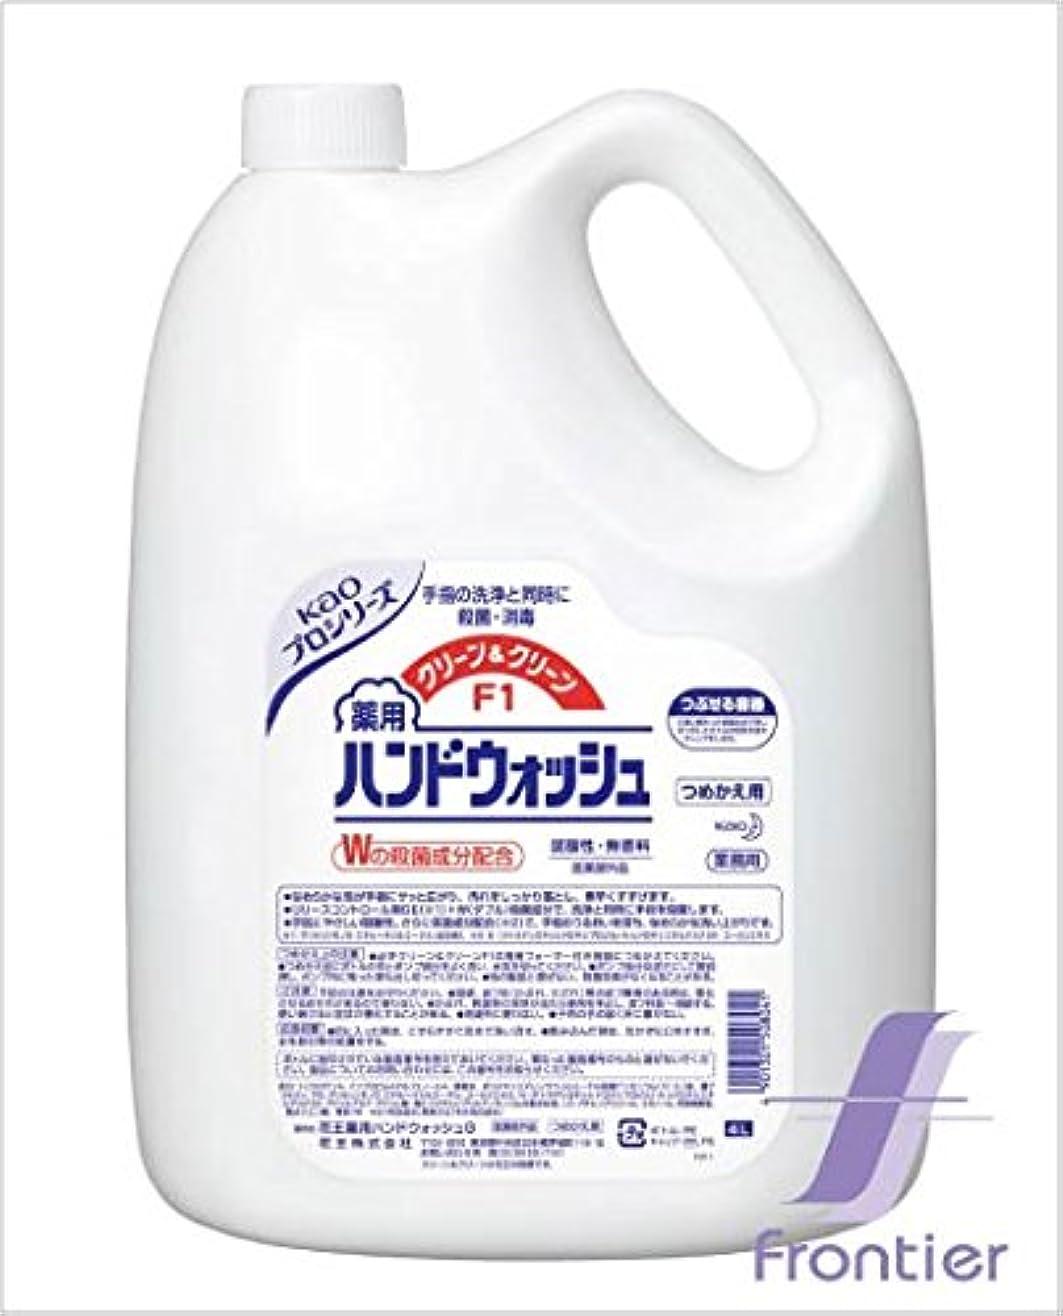 過ち脱臼する白菜花王 クリーン&クリーンF1 薬用ハンドウォッシュ 4リットル 3缶セット